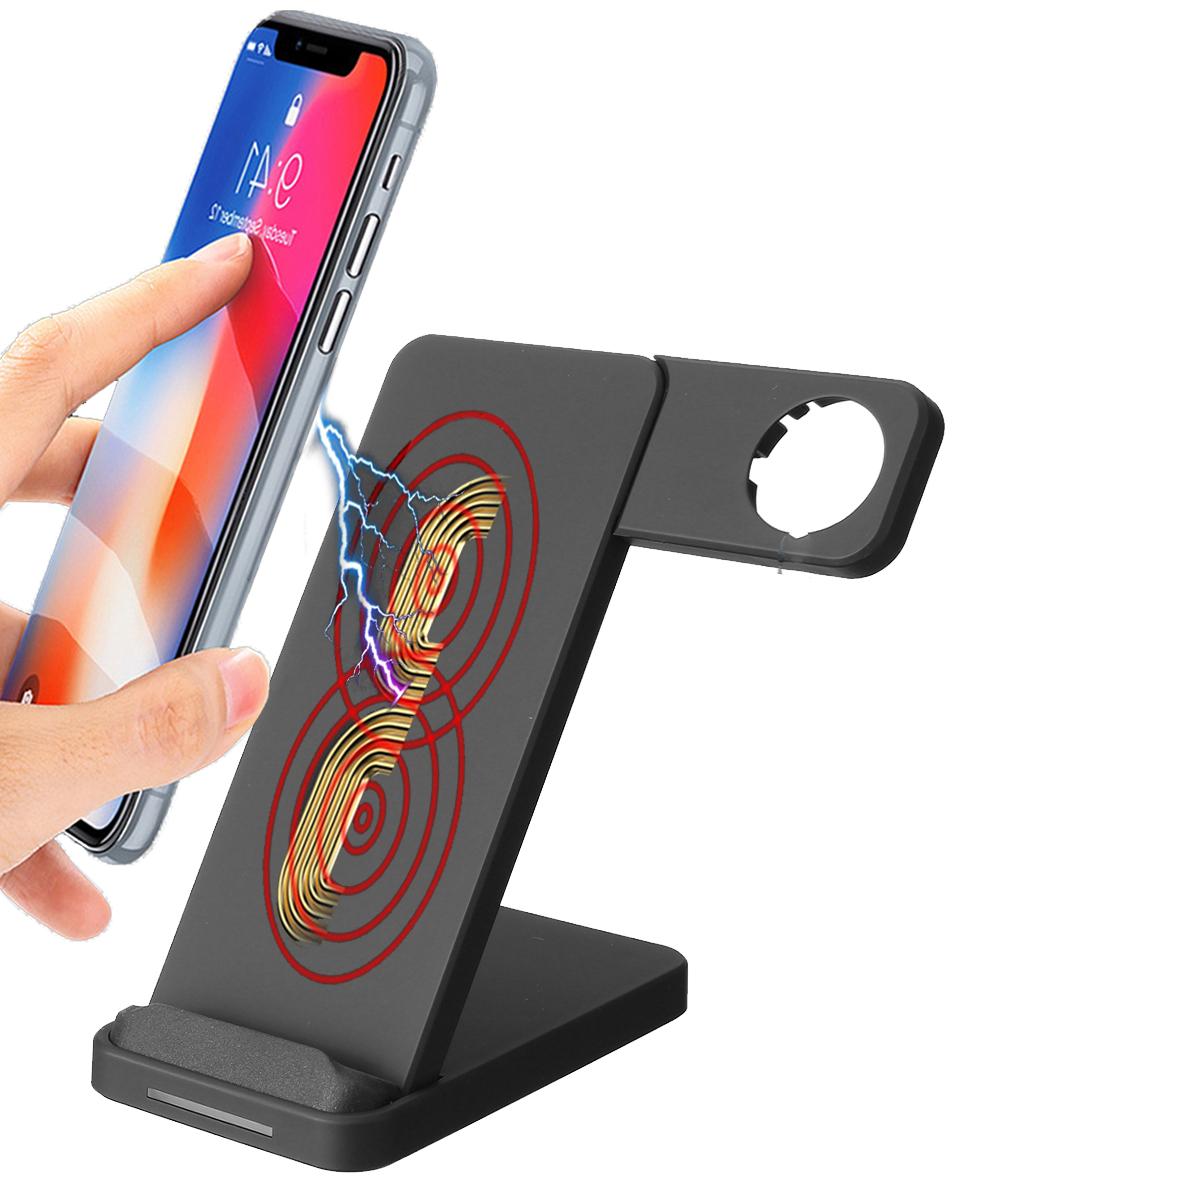 10W Dual Coils Qi Беспроводное зарядное устройство Быстрая зарядка + Держатель для часов для смартфона с поддержкой Qi iPhone Samsung Apple Watch